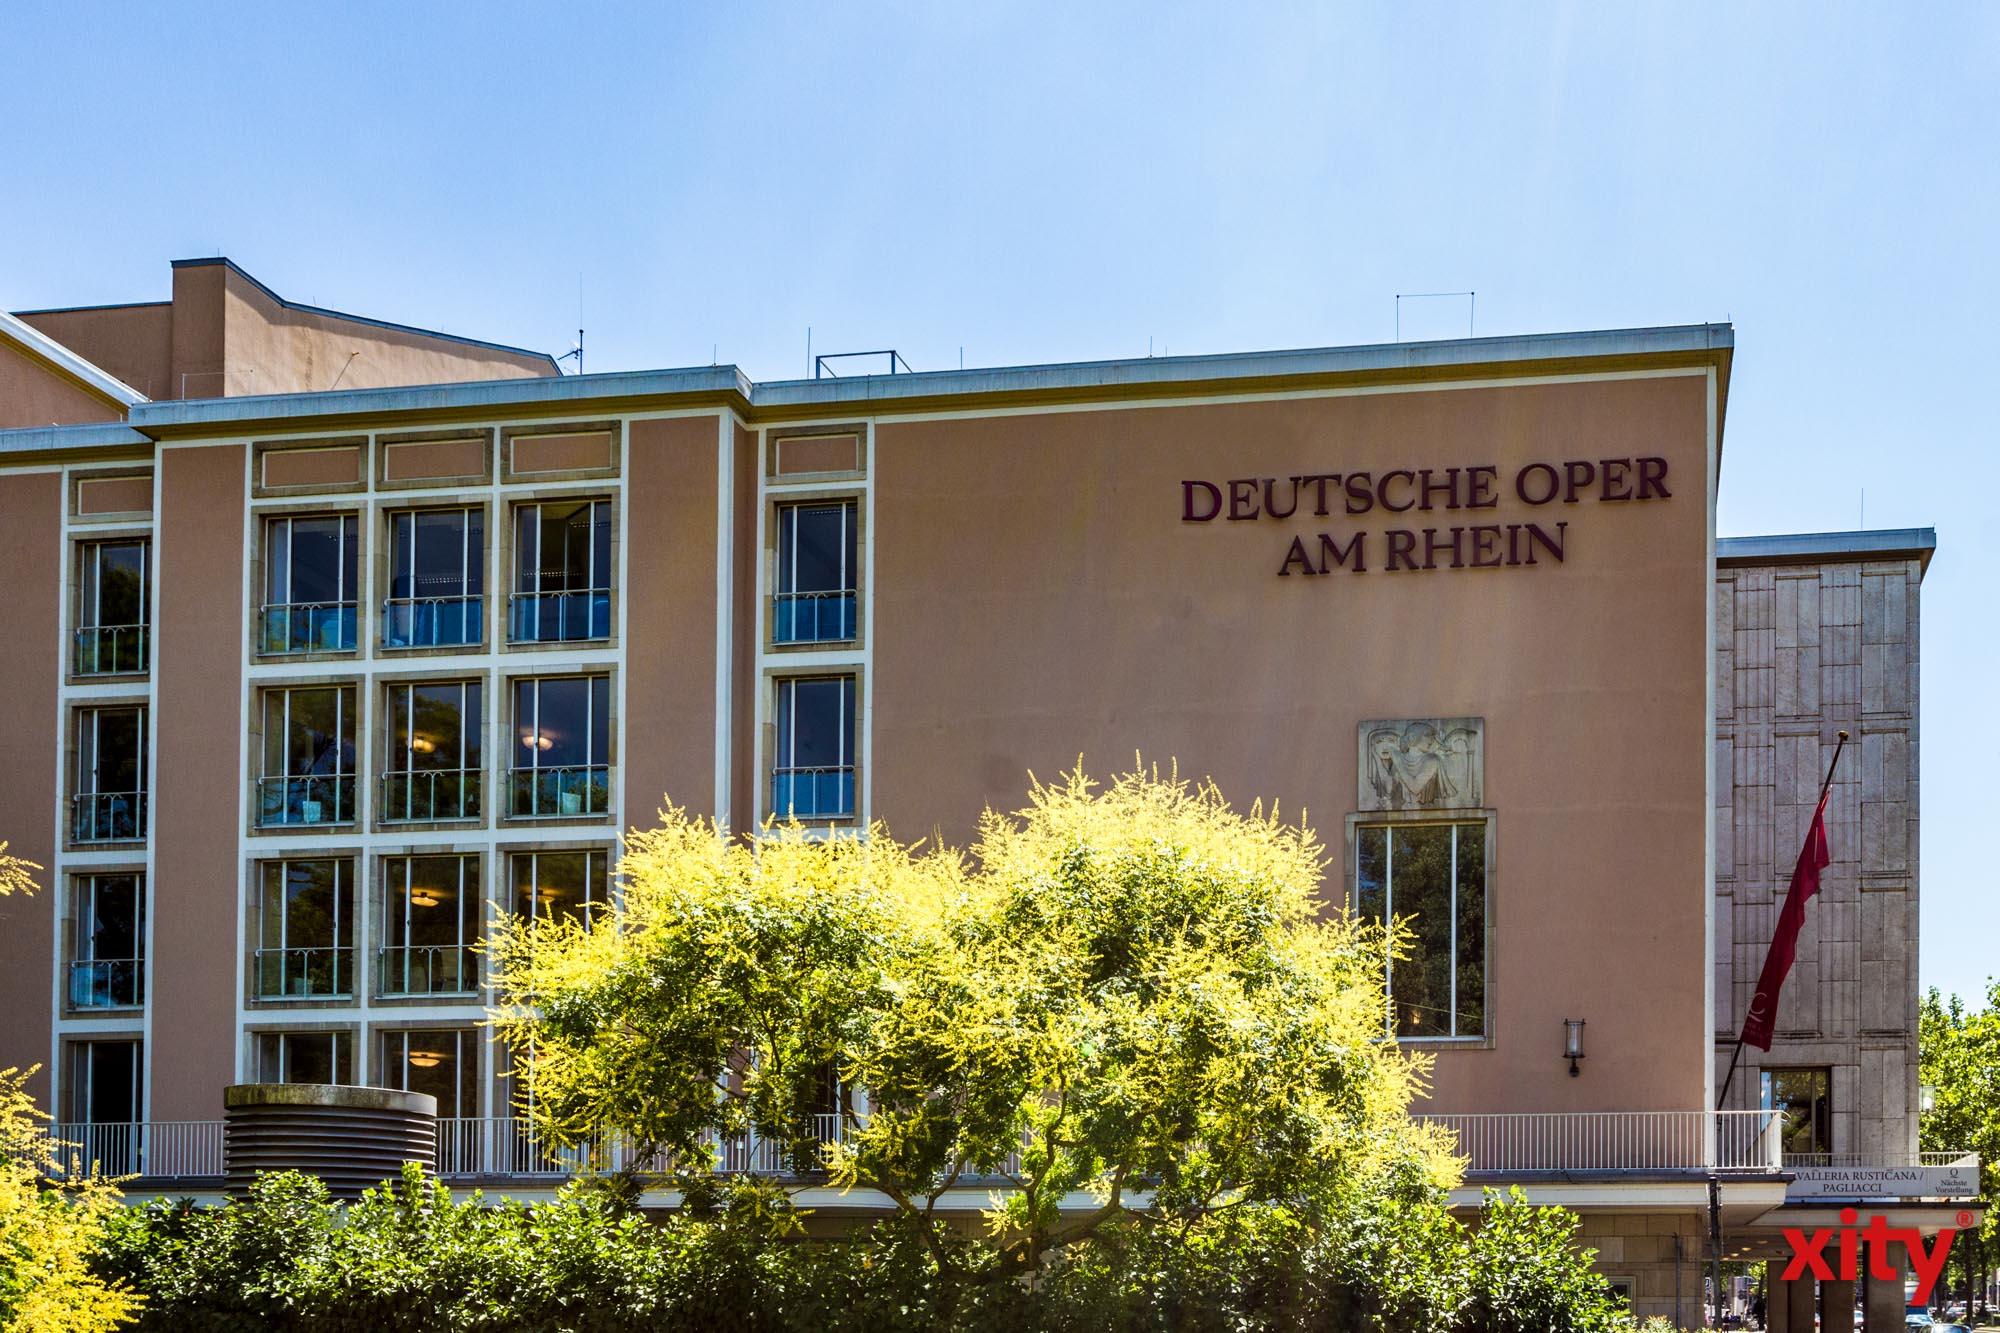 Deutsche Oper am Rhein sagt Programm bis Ende der Saison ab(Foto: xity)